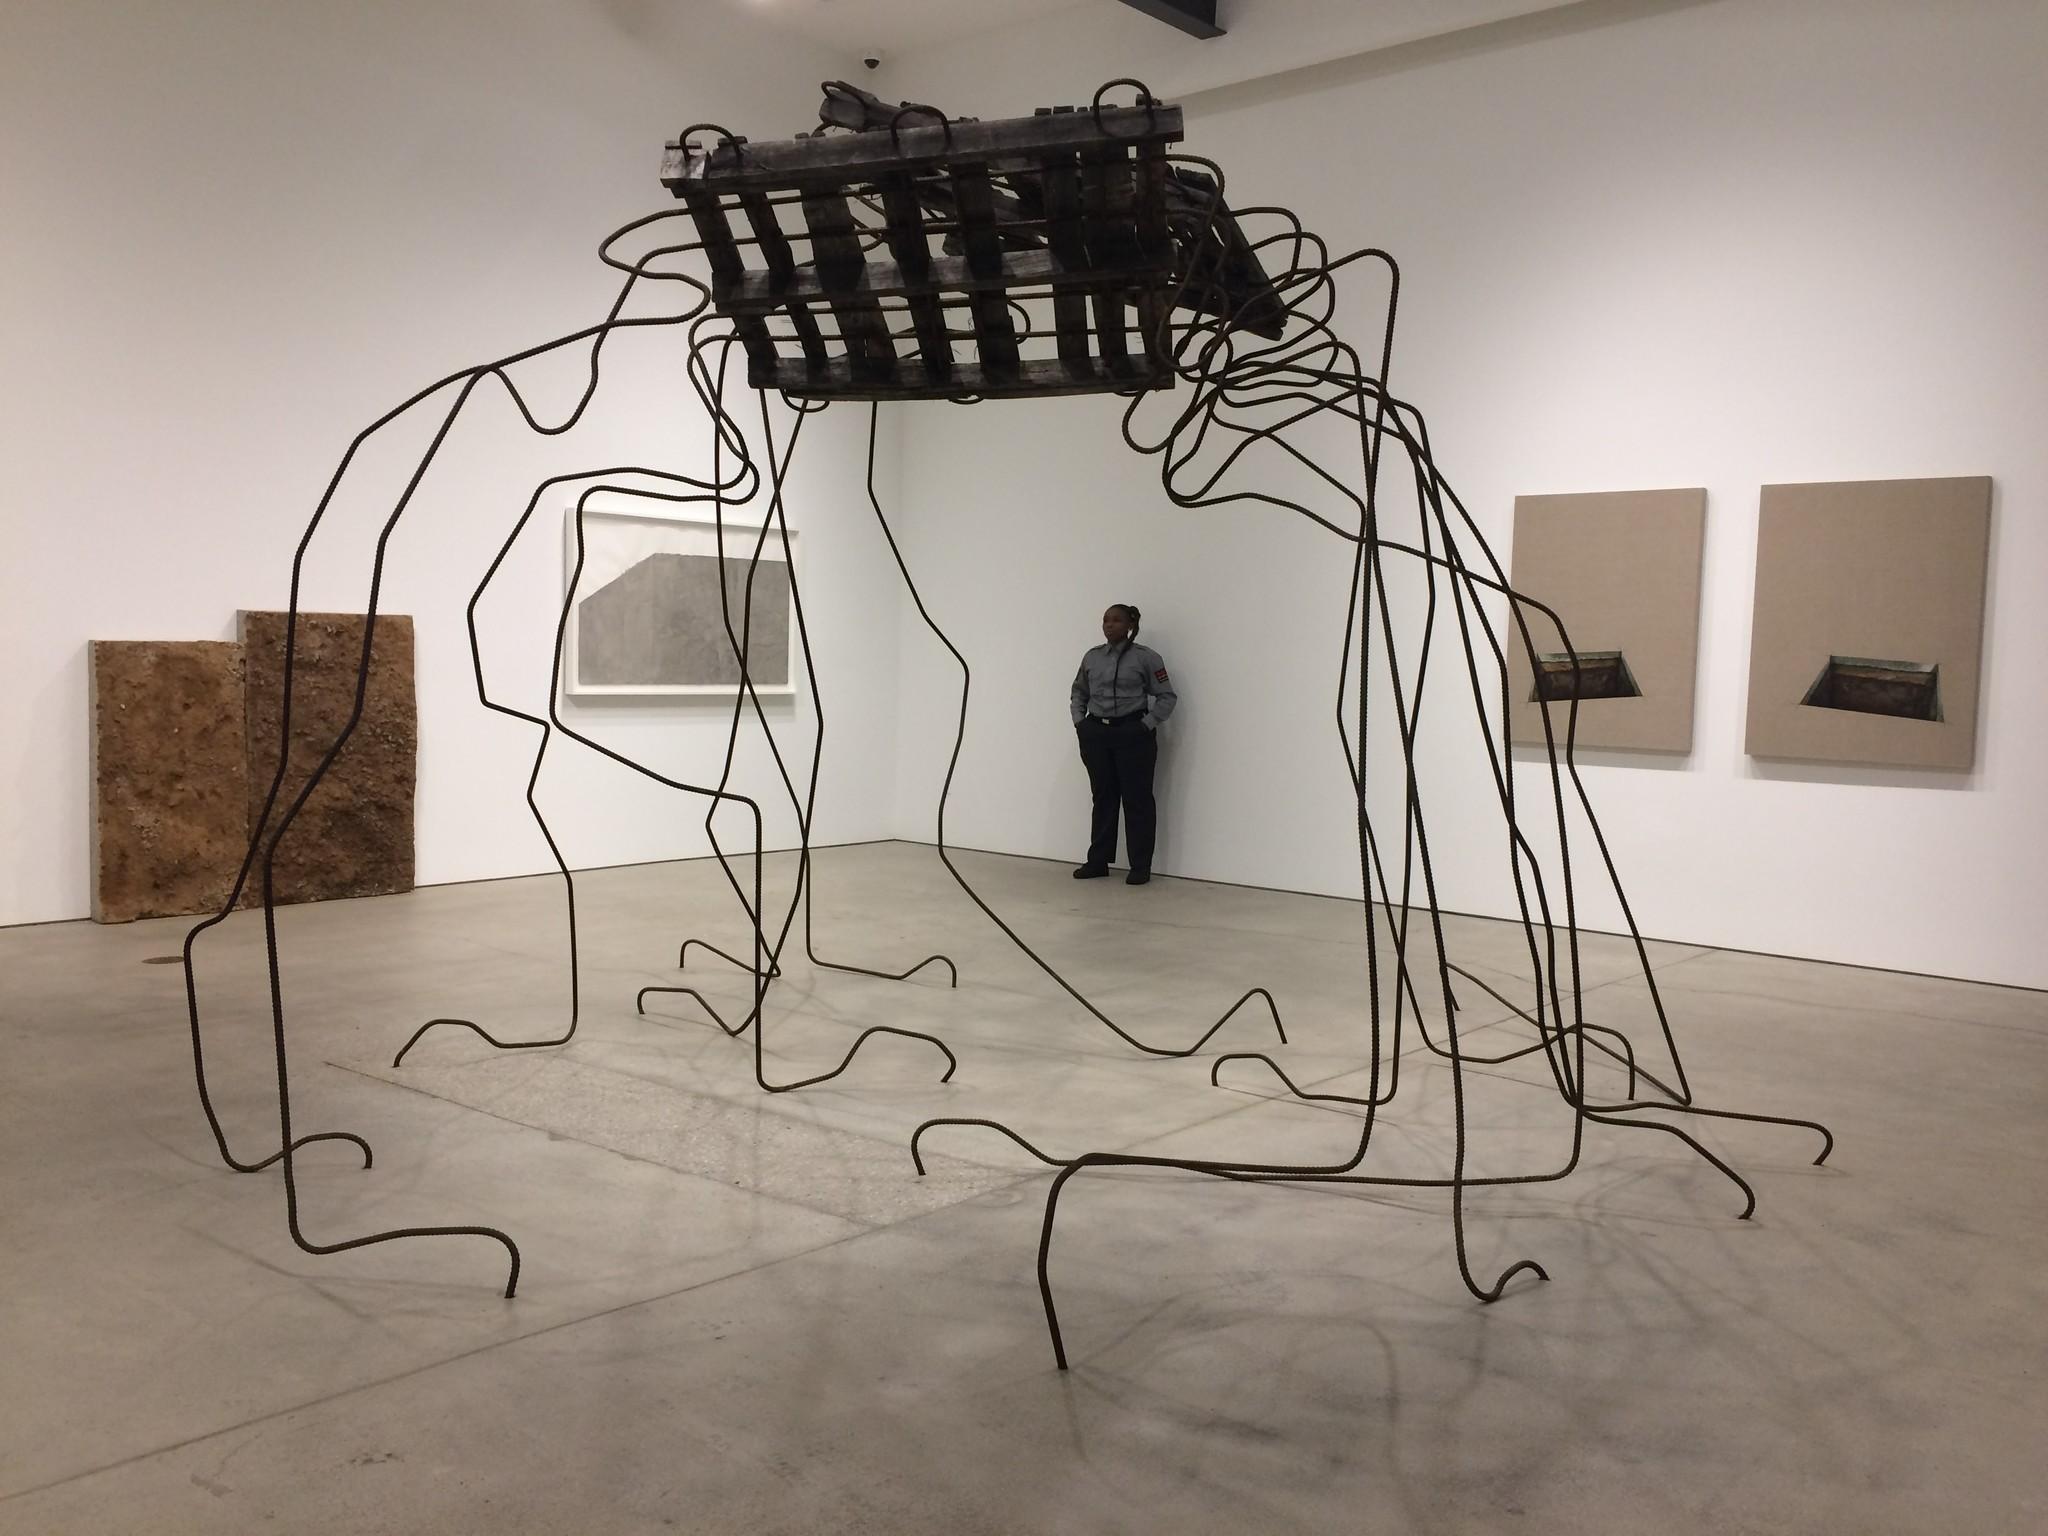 An installation view of Ruben Ochoa's one-man show at Art + Practice in Leimert Park.